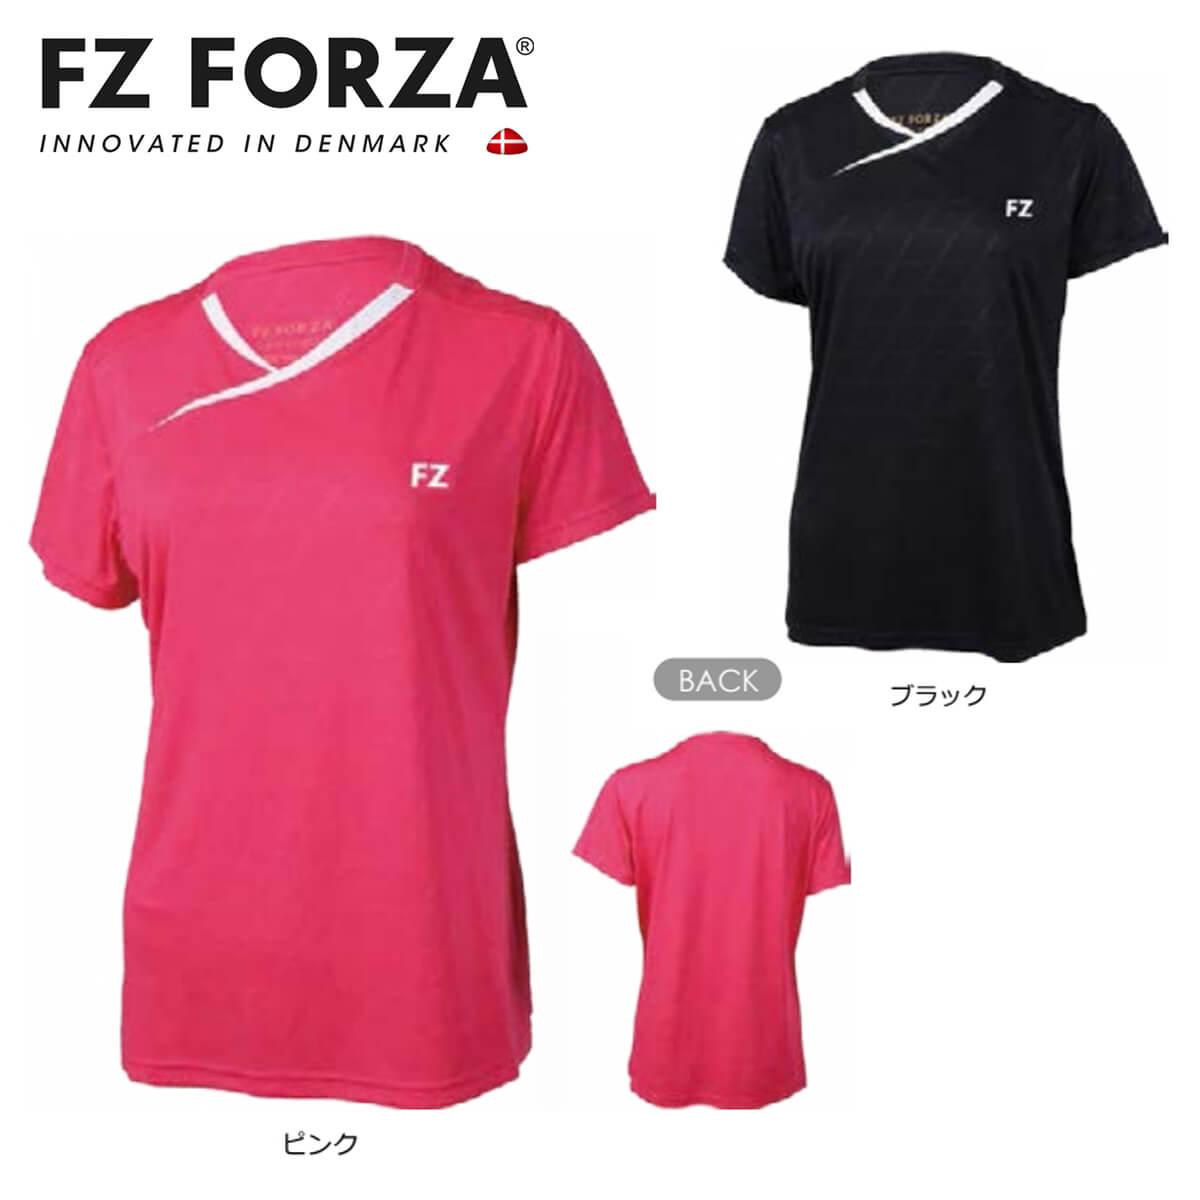 送料無料 新品 FZ 新色 FORZA 302494 ゲームシャツ レディース 日本バドミントン協会審査合格品 メール便可 フォーザ 超特価 バドミントンウェア